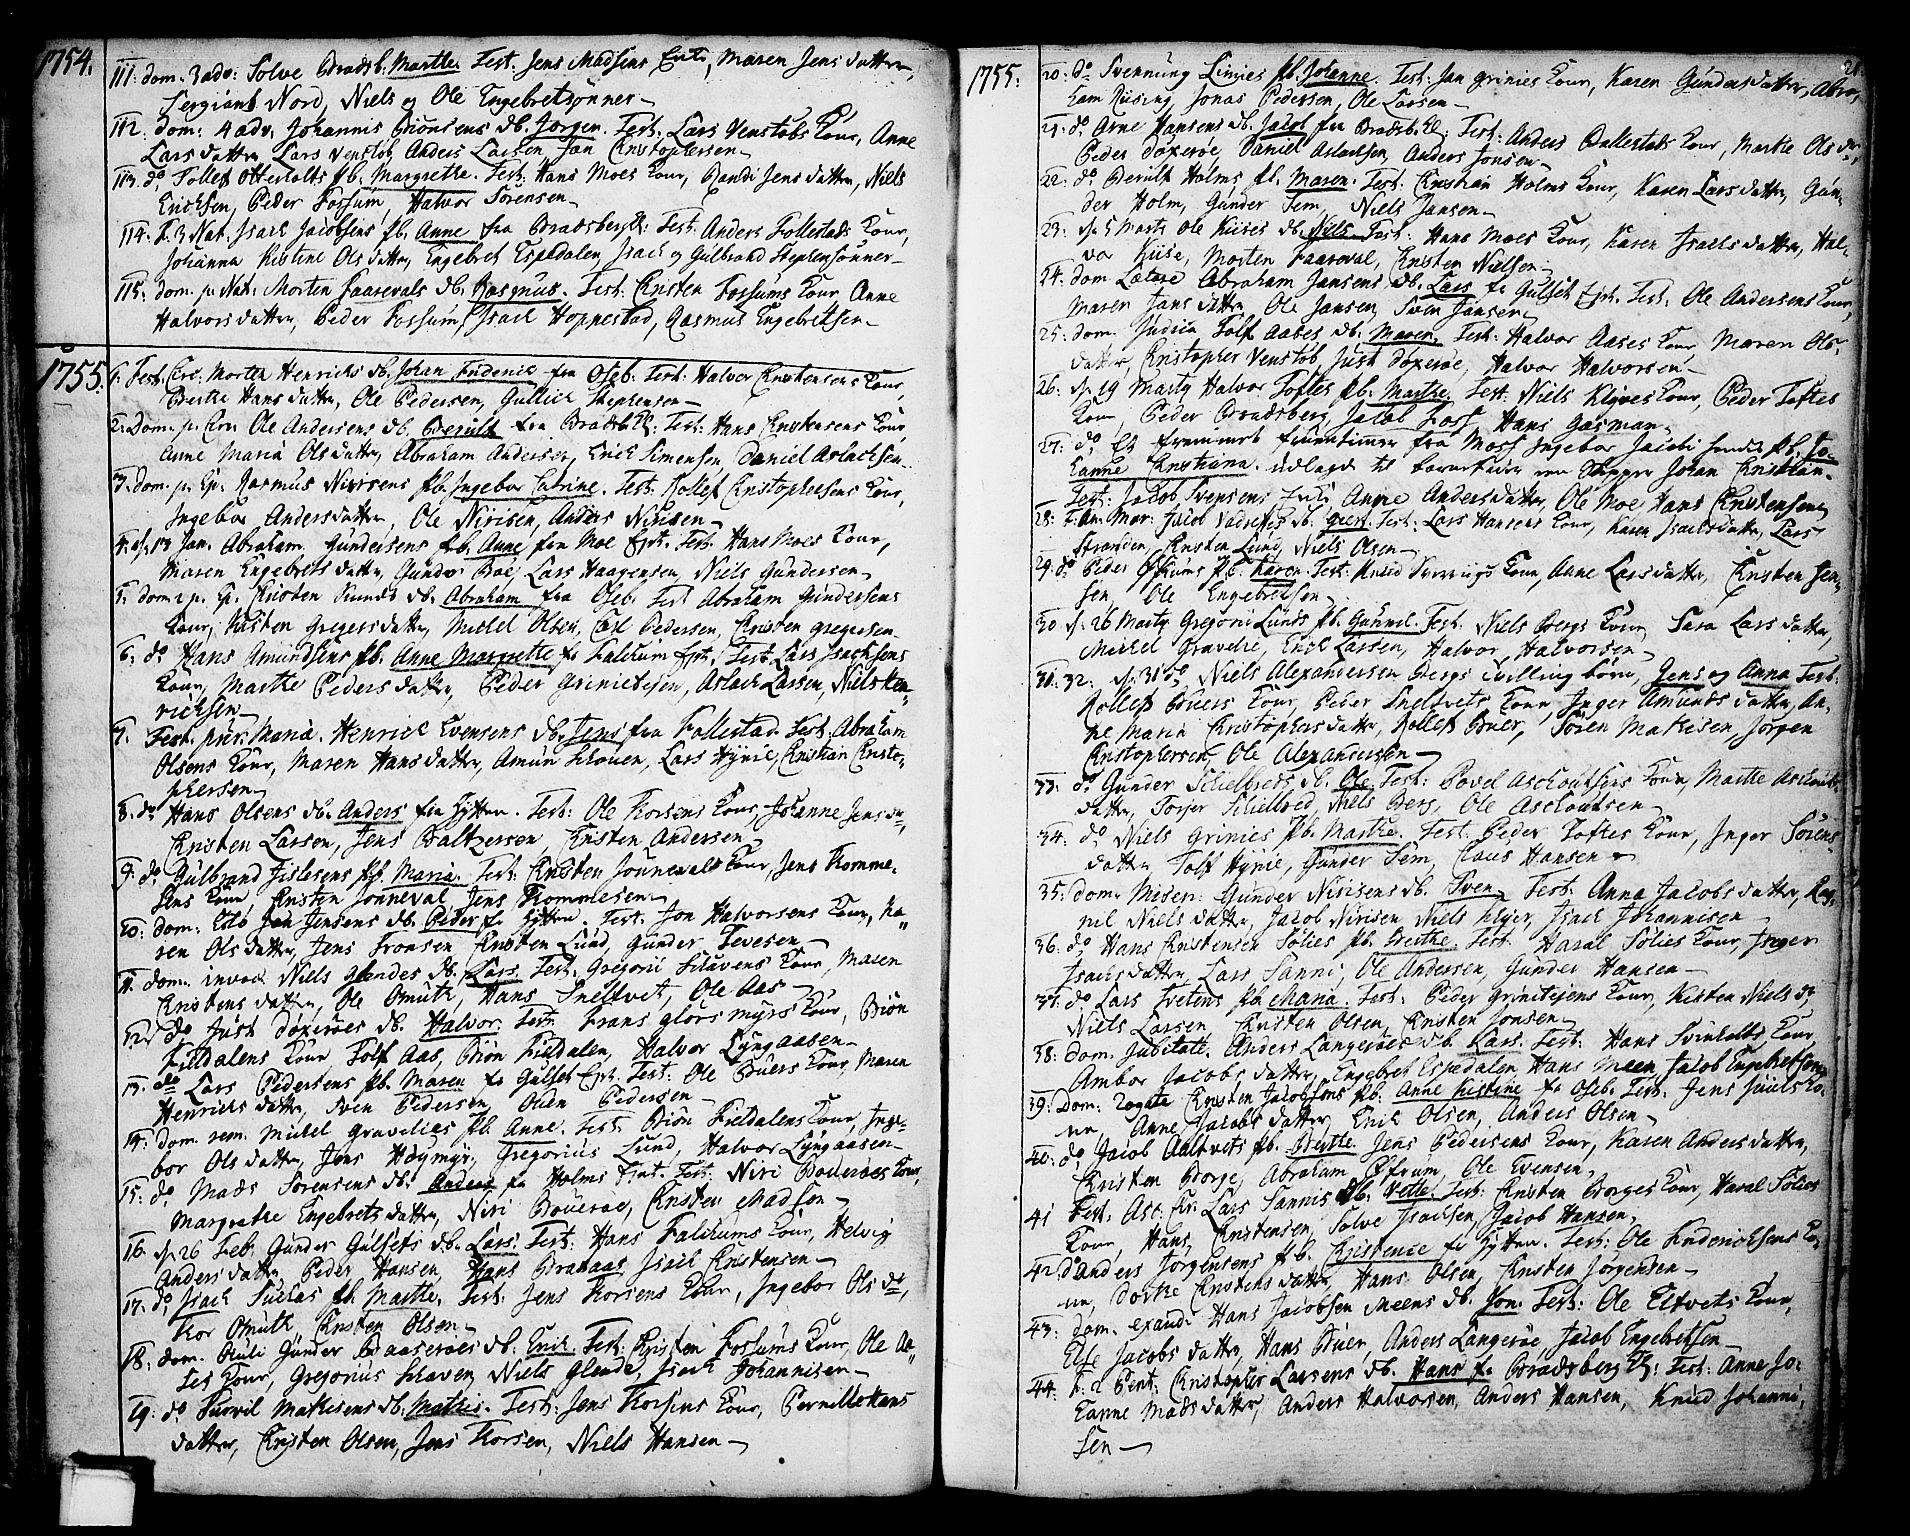 SAKO, Gjerpen kirkebøker, F/Fa/L0002: Ministerialbok nr. 2, 1747-1795, s. 21